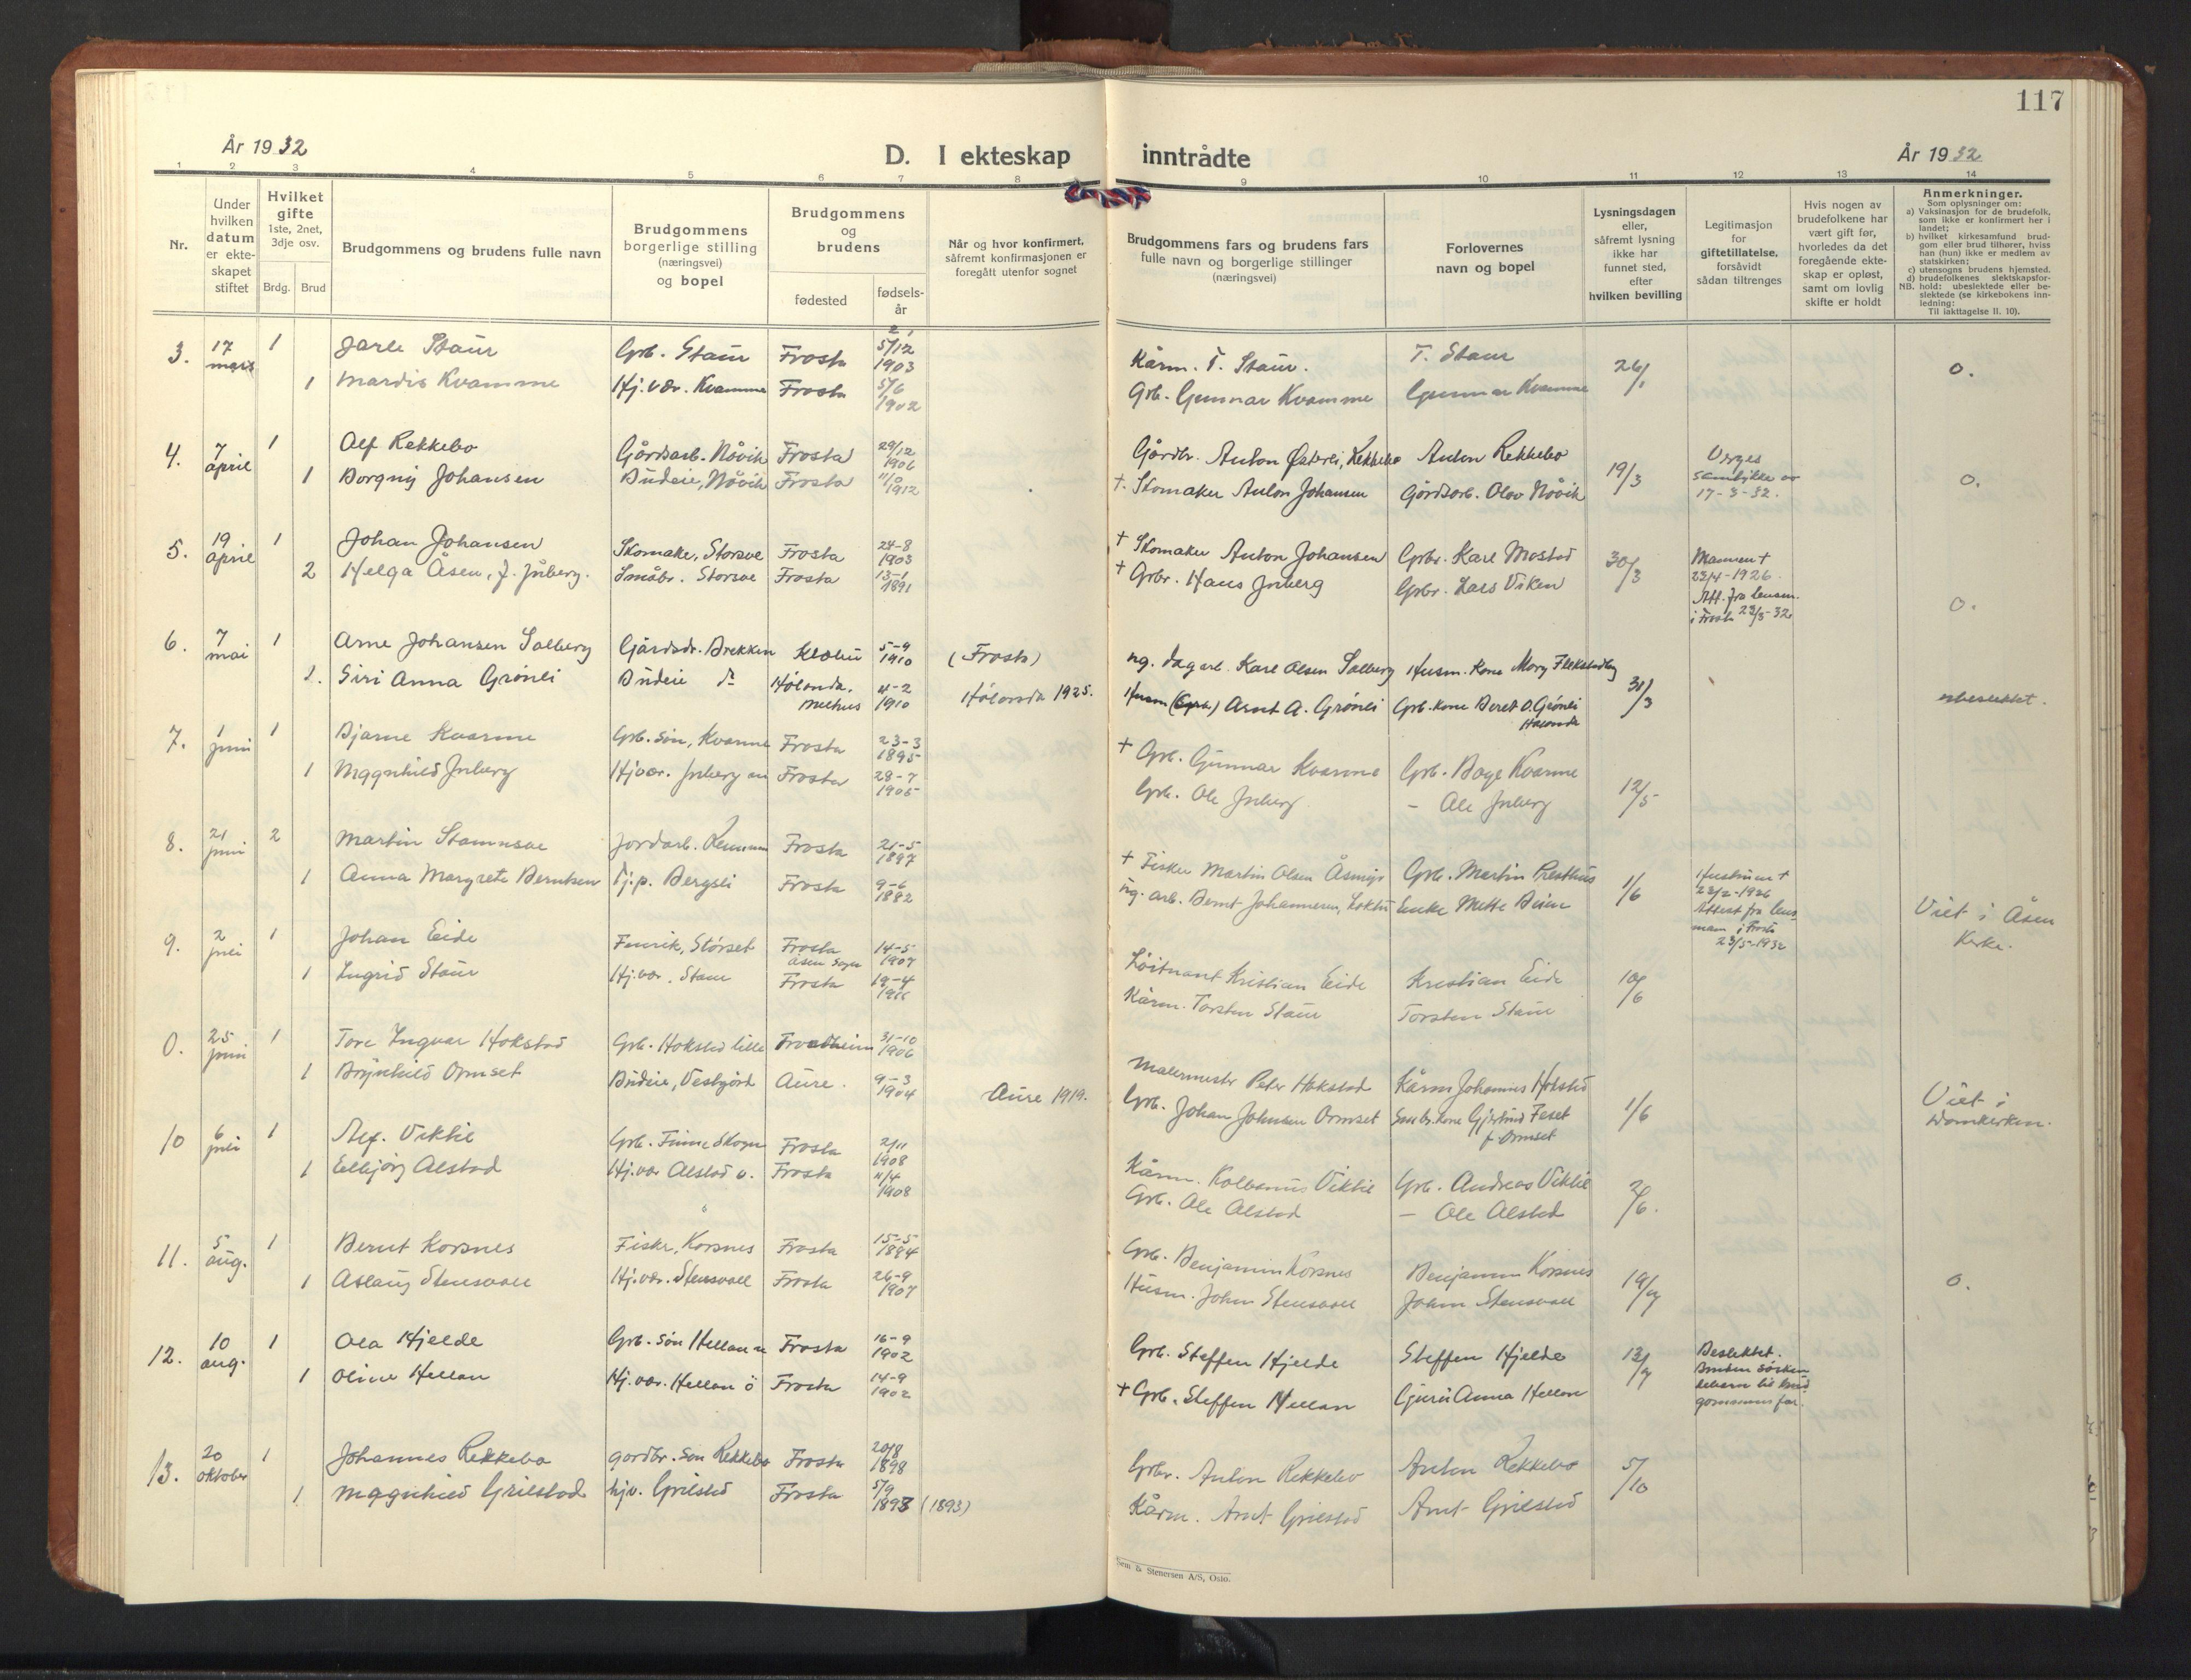 SAT, Ministerialprotokoller, klokkerbøker og fødselsregistre - Nord-Trøndelag, 713/L0125: Klokkerbok nr. 713C02, 1931-1941, s. 117